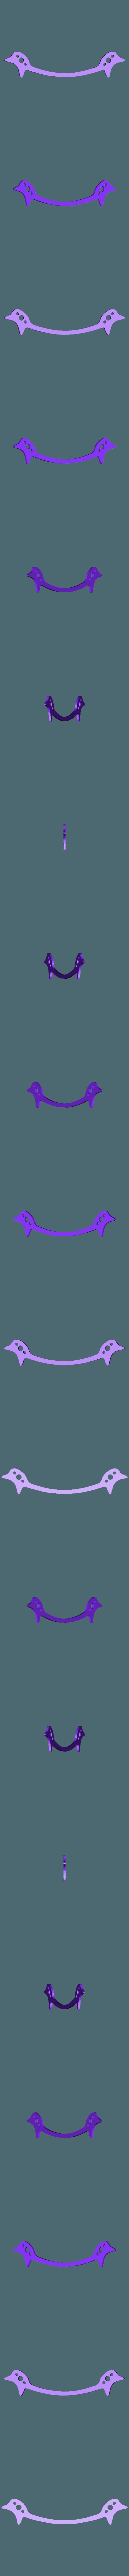 Exorcist_Brace.stl Télécharger fichier STL gratuit Cadre du quadriporteur Exorcist Racing (nouveau modèle) • Design pour impression 3D, DuckyRC